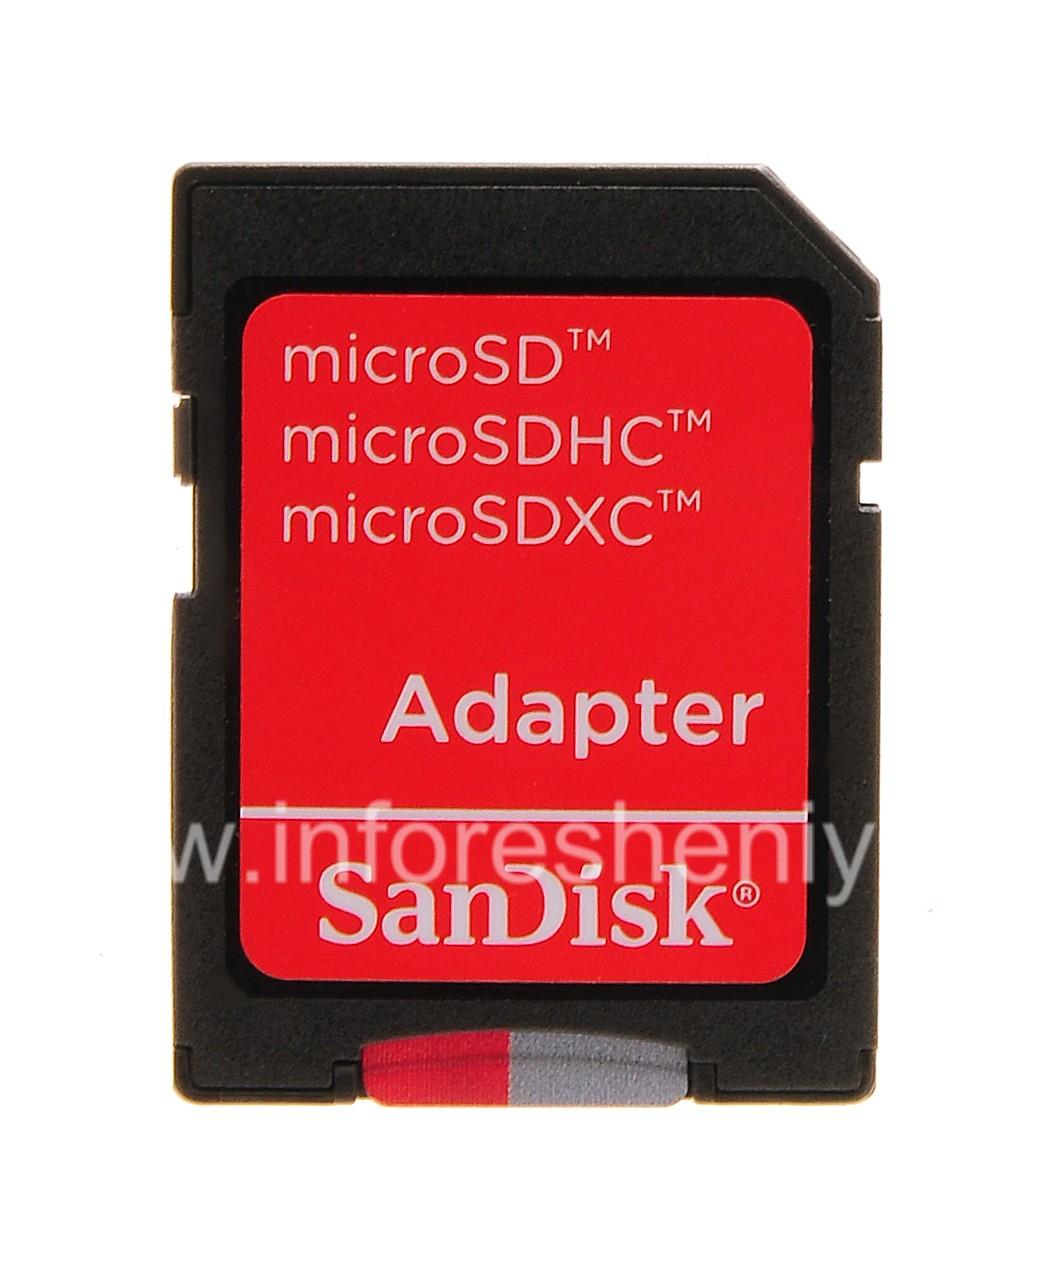 SanDisk Ponsel Ultra MicroSD Branded Kartu Memori